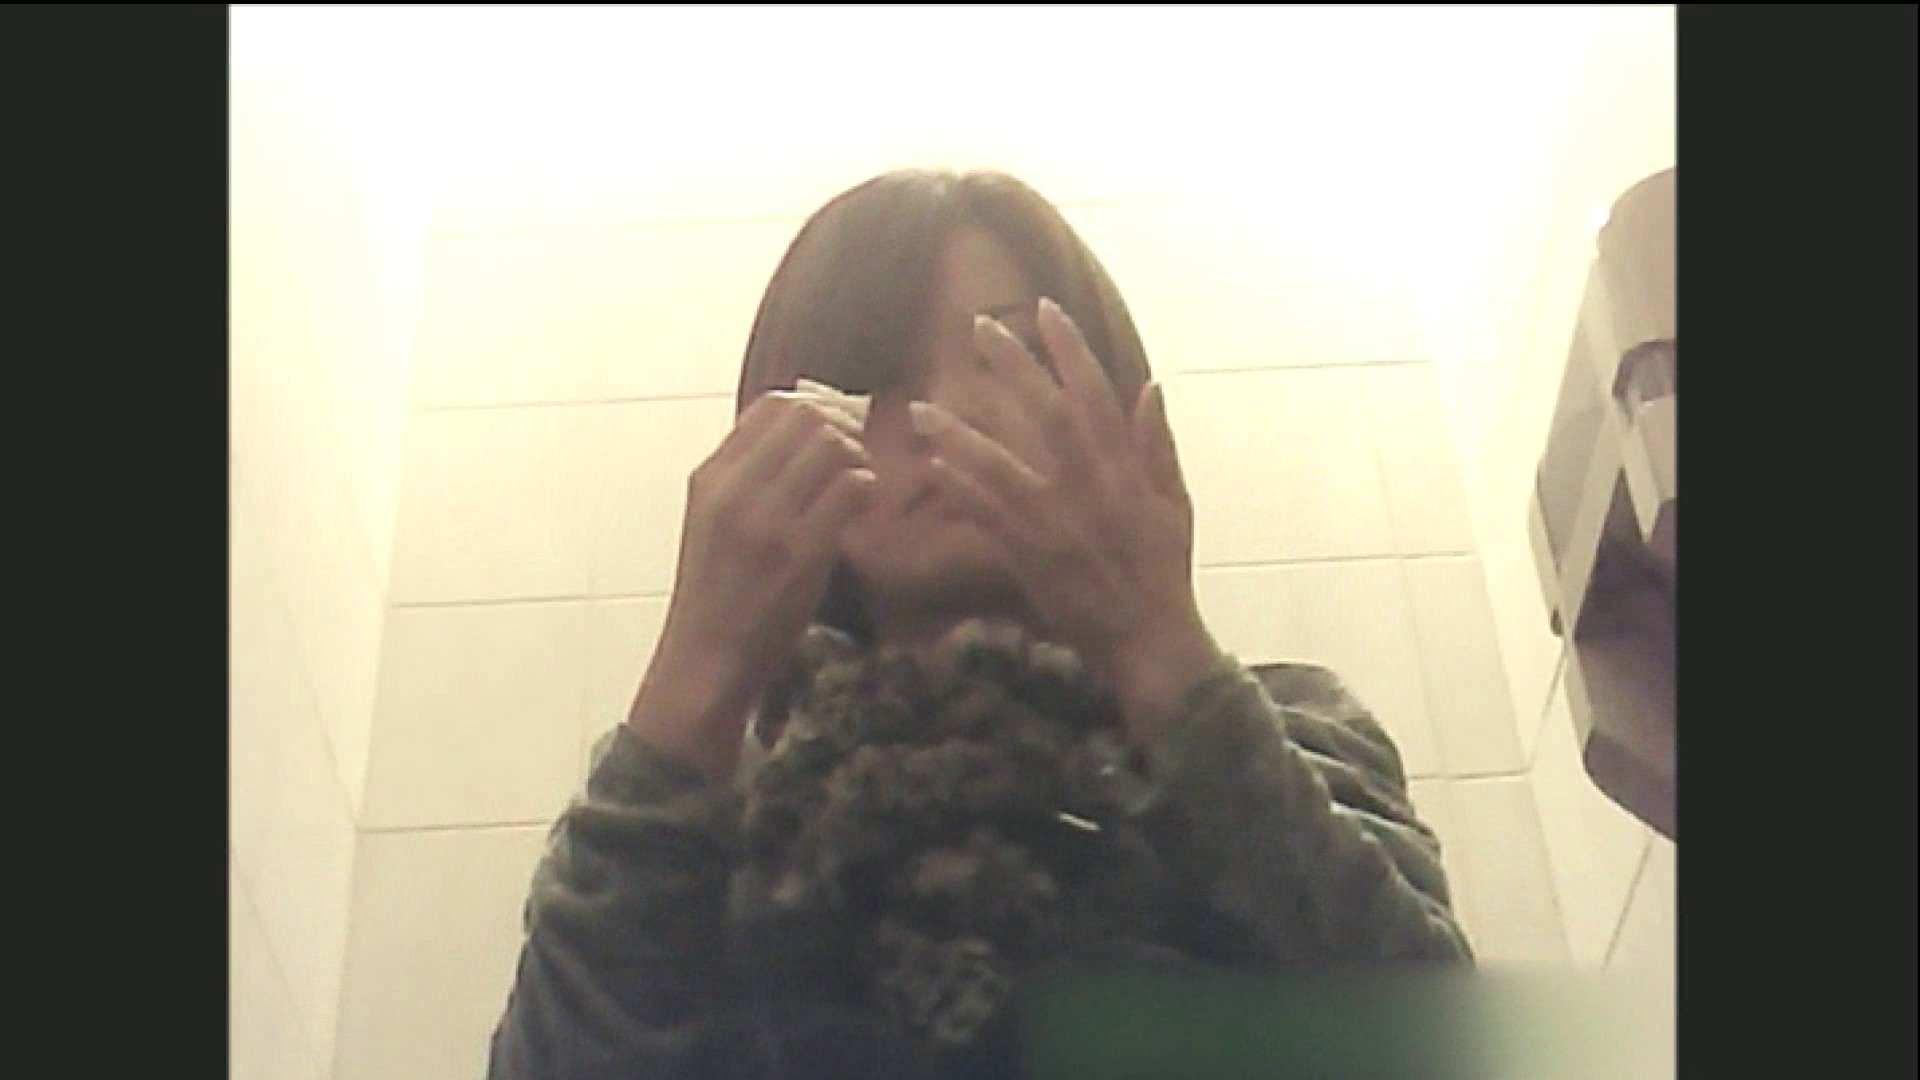 実録!!綺麗なお姉さんのトイレ事情・・・。vol.10 OLの実態 覗きおまんこ画像 86pic 77